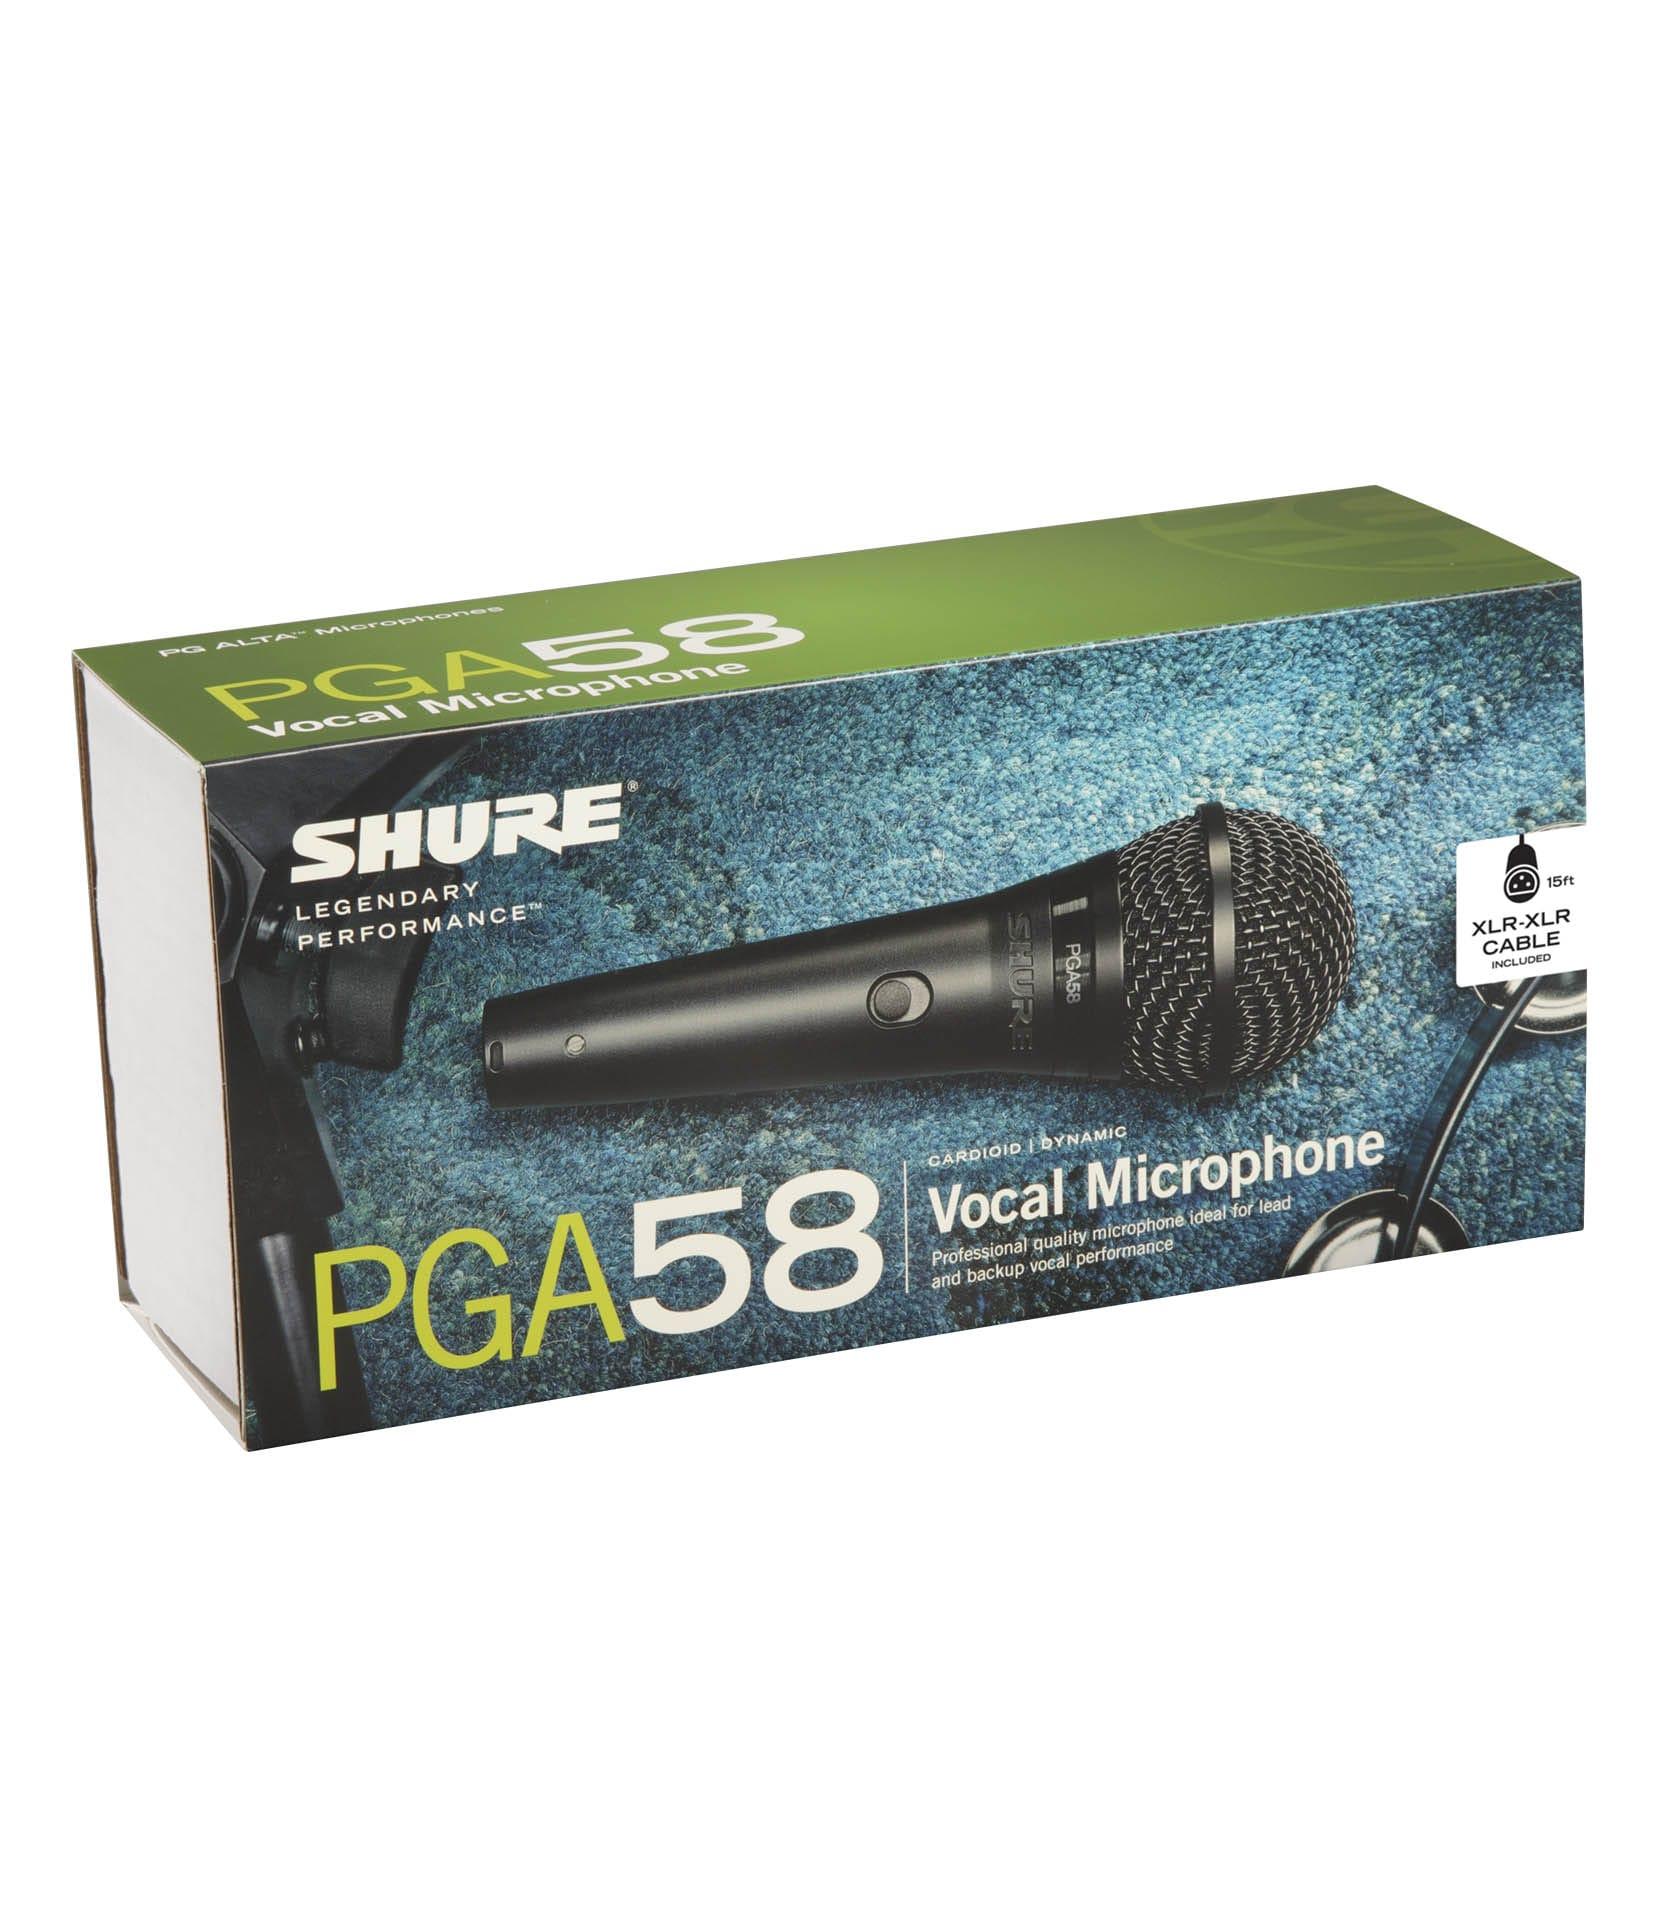 PGA58 XLR E Cardioid Dynamic Microphone - Buy Online